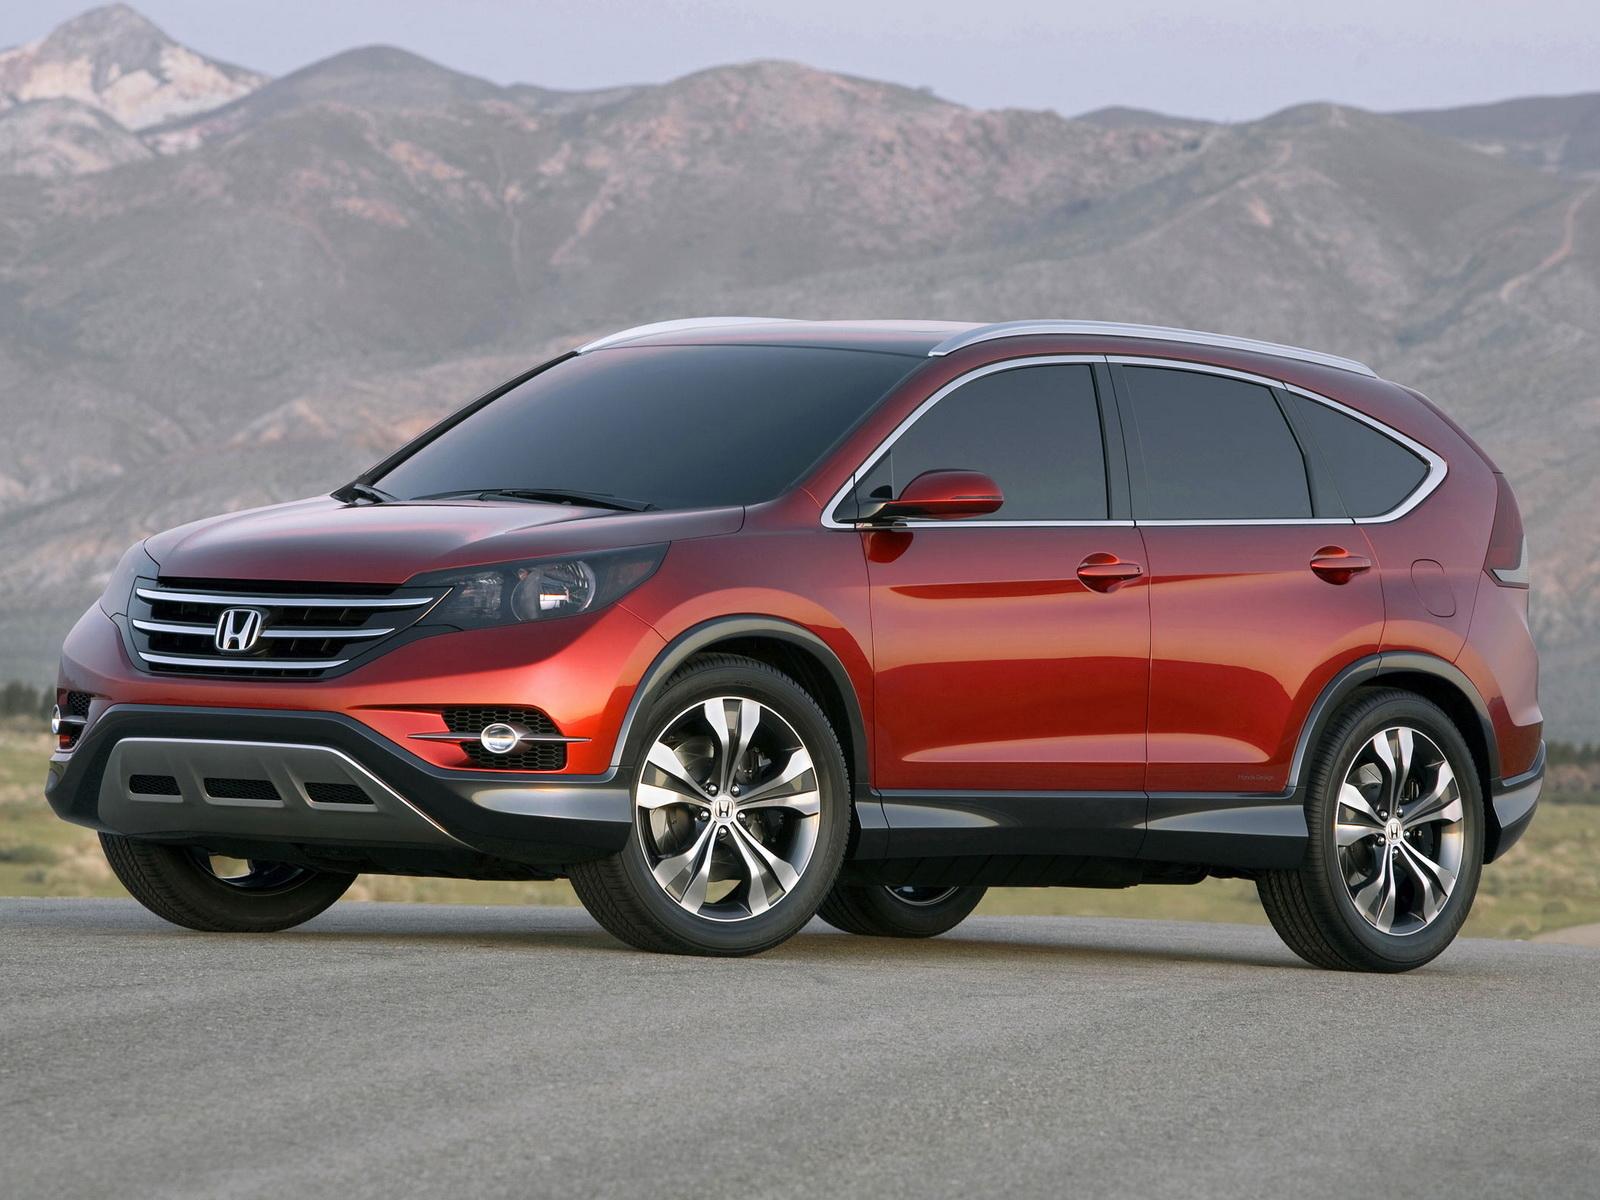 2012 Honda CR-V Concept - Офицмальное ФОТО и подробности.